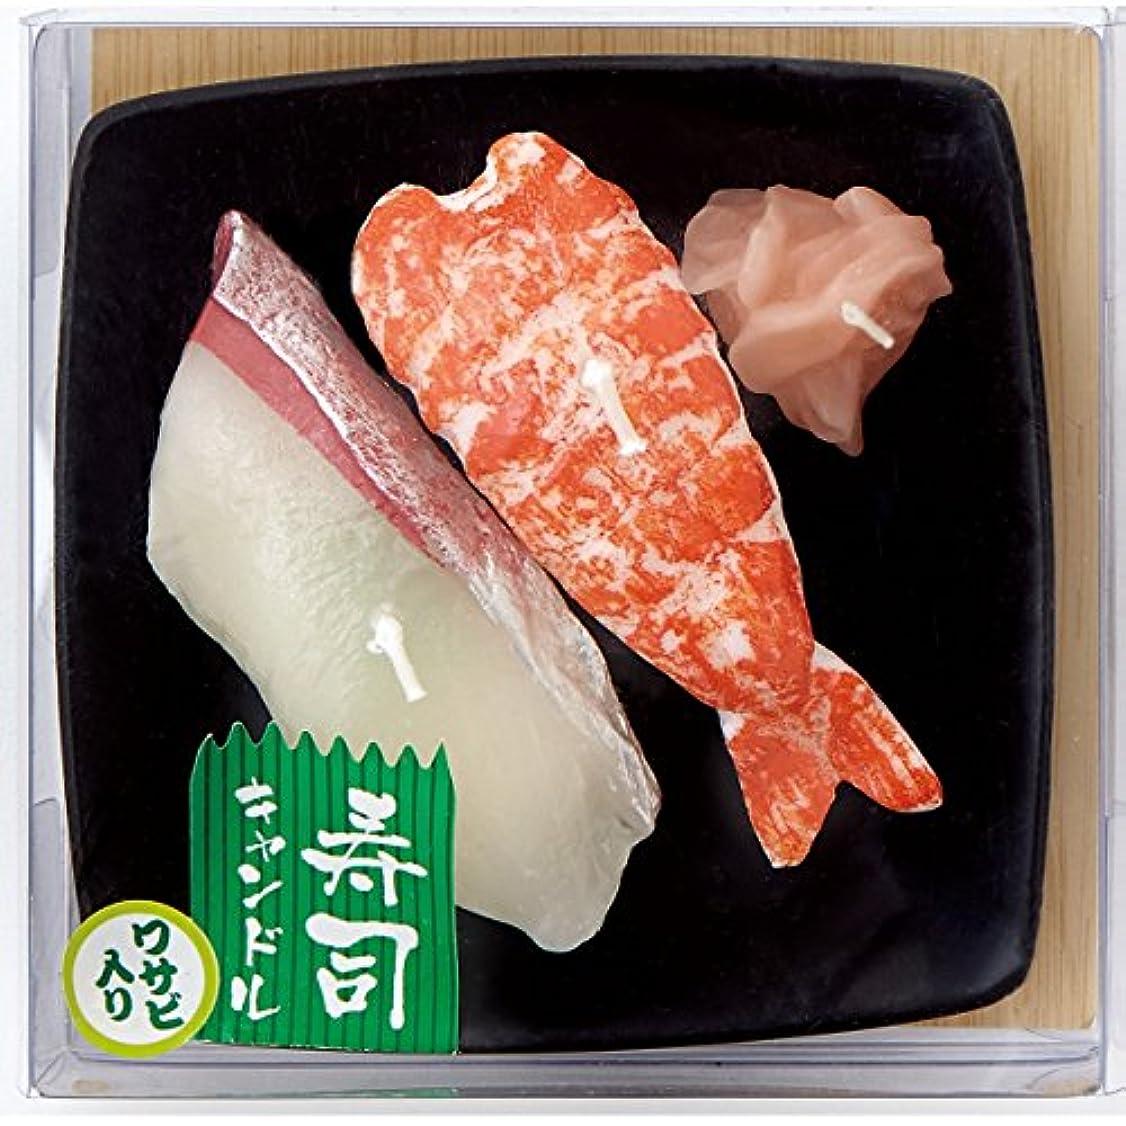 風邪をひく非常に怒っています狂った寿司キャンドル B(エビ?ハマチ) サビ入